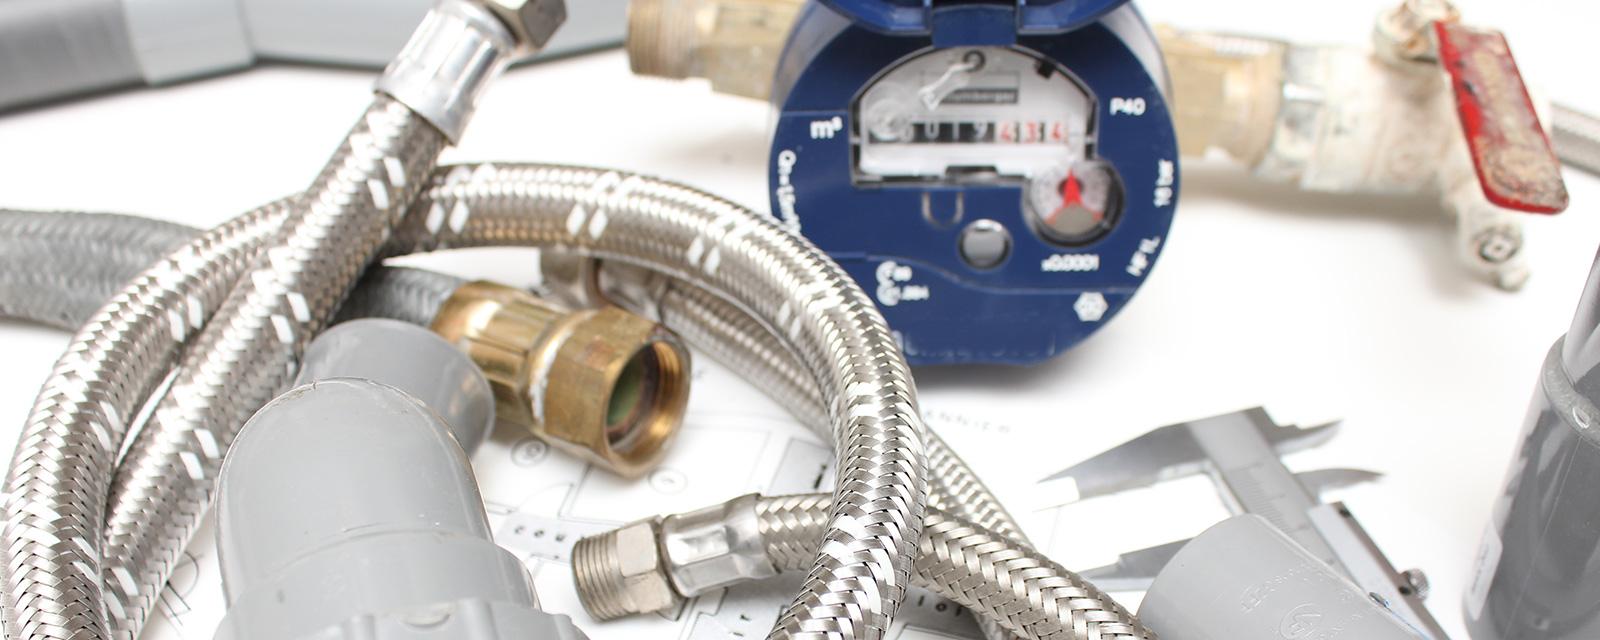 Etude De Marche Artisan Electricien quelle formation pour devenir plombier ? | guide artisan